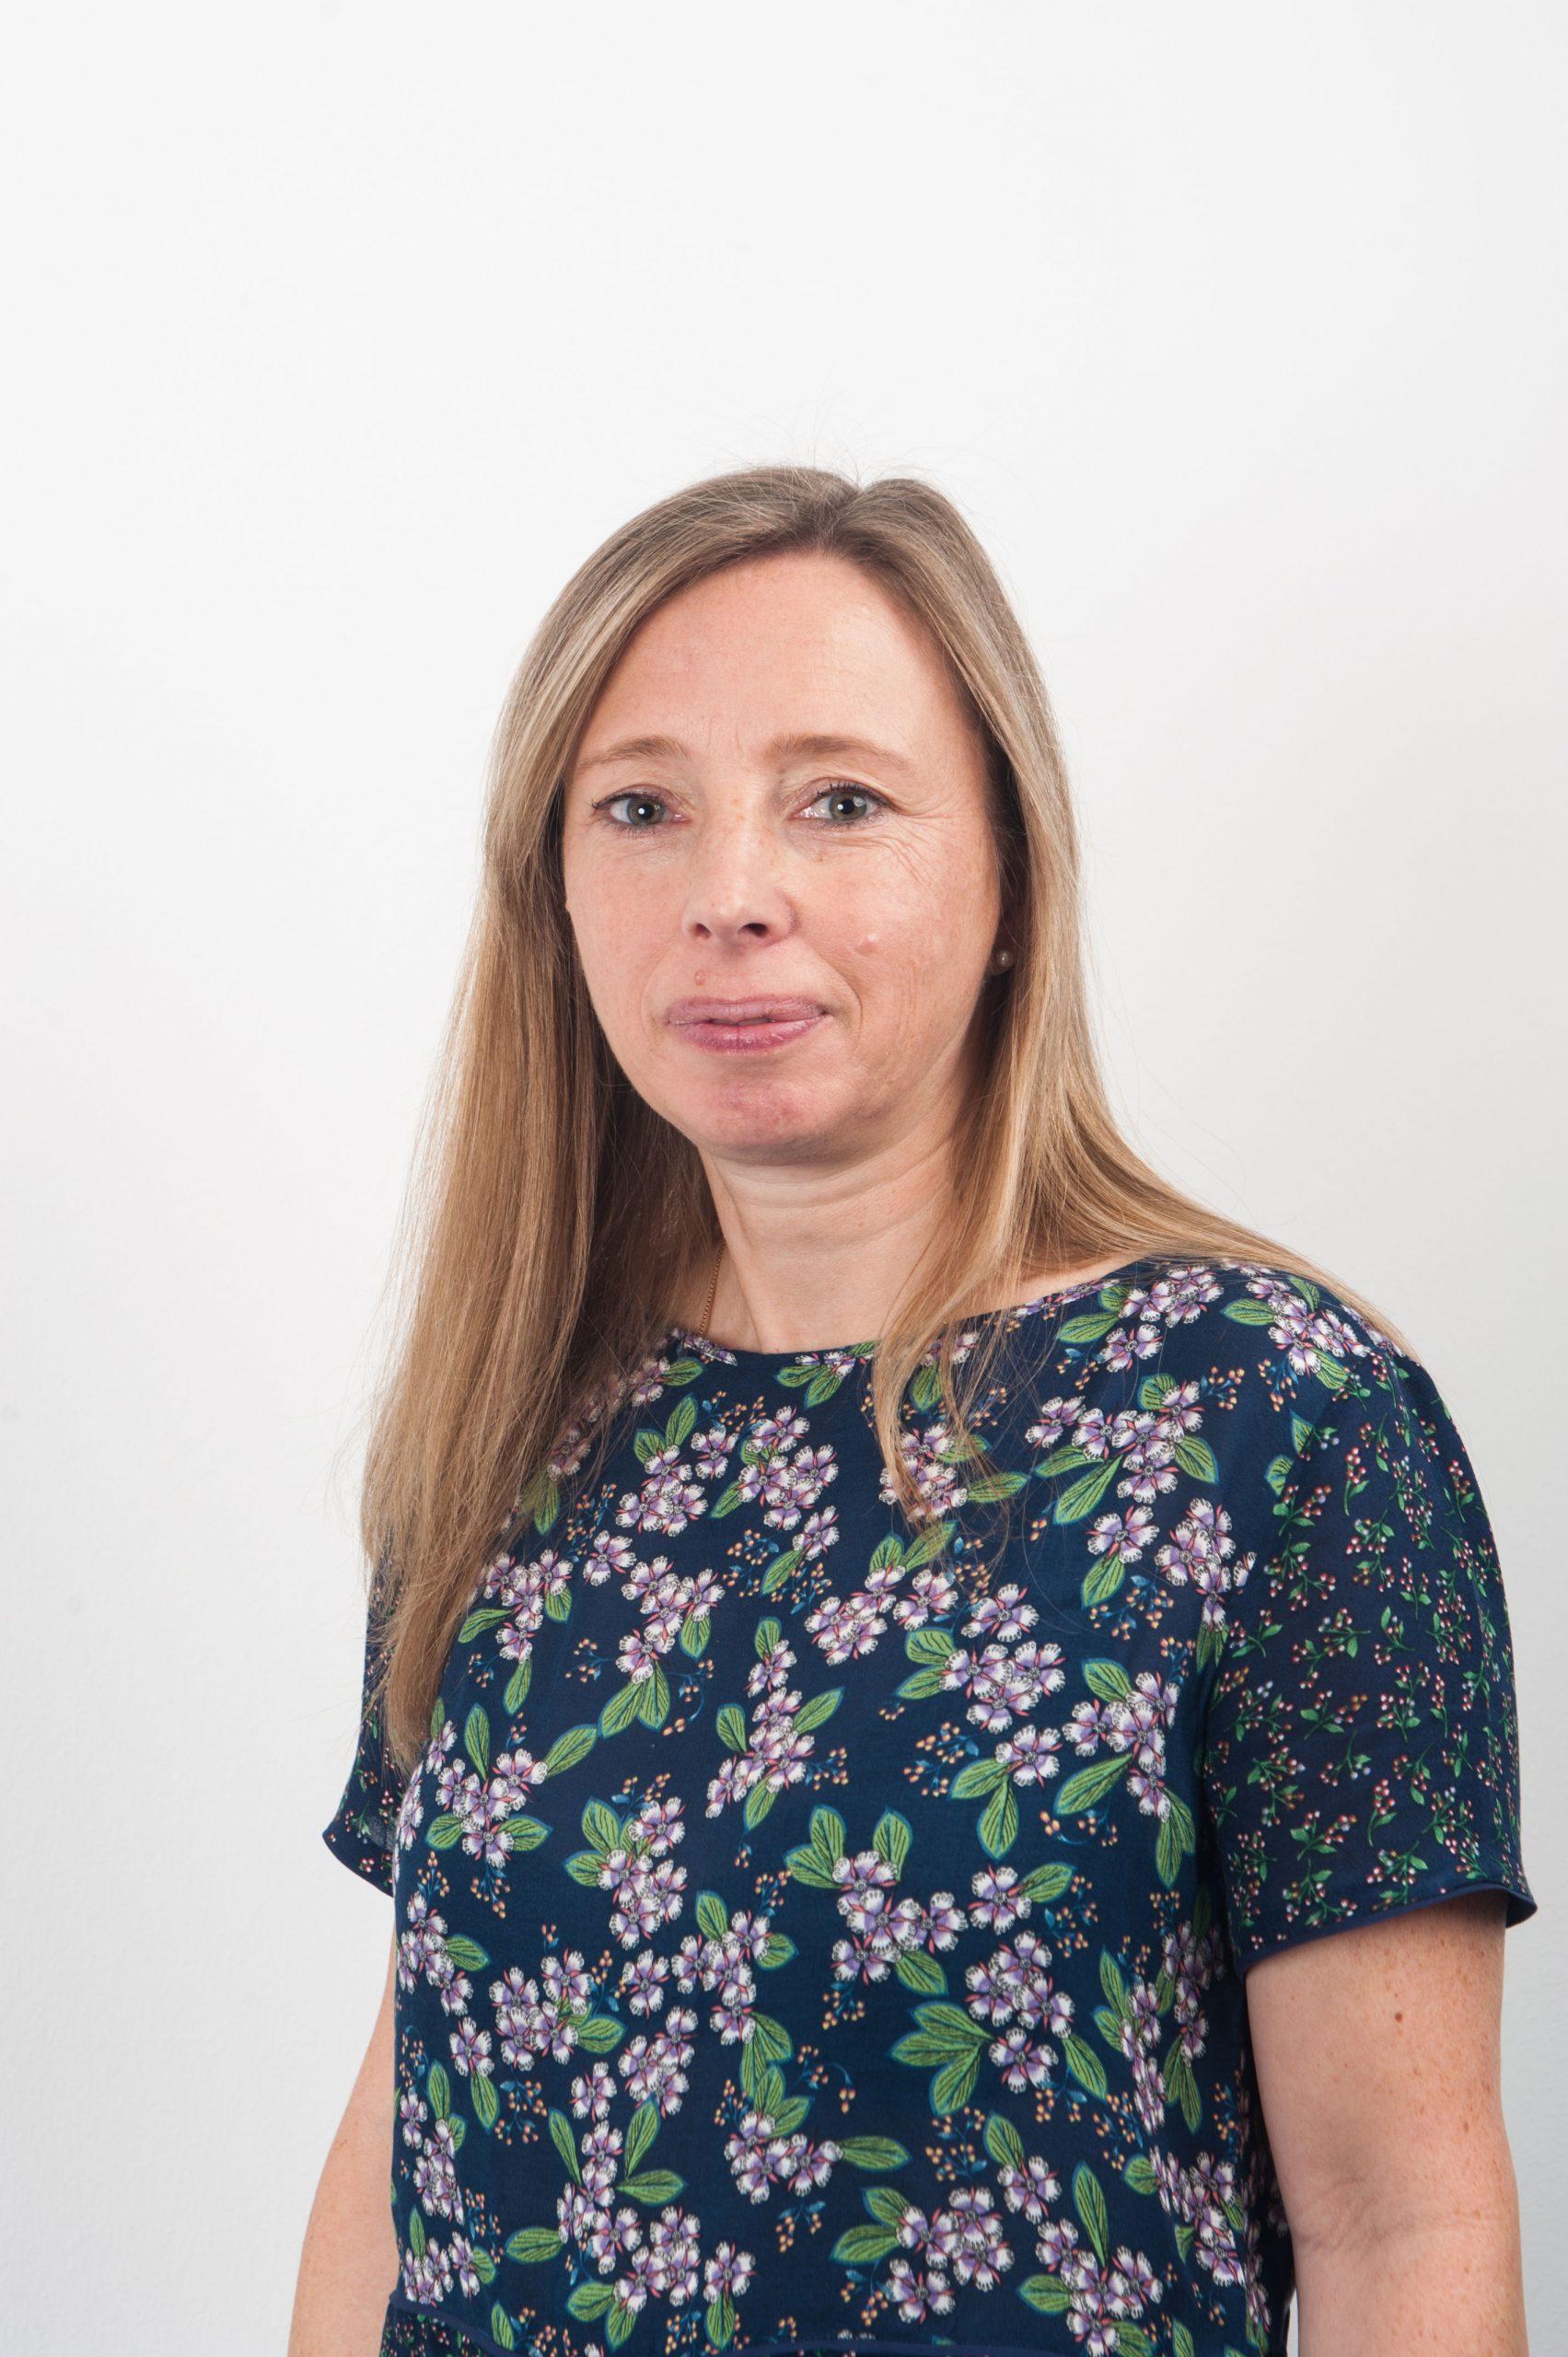 Sandra Heinzlreiter - Administration